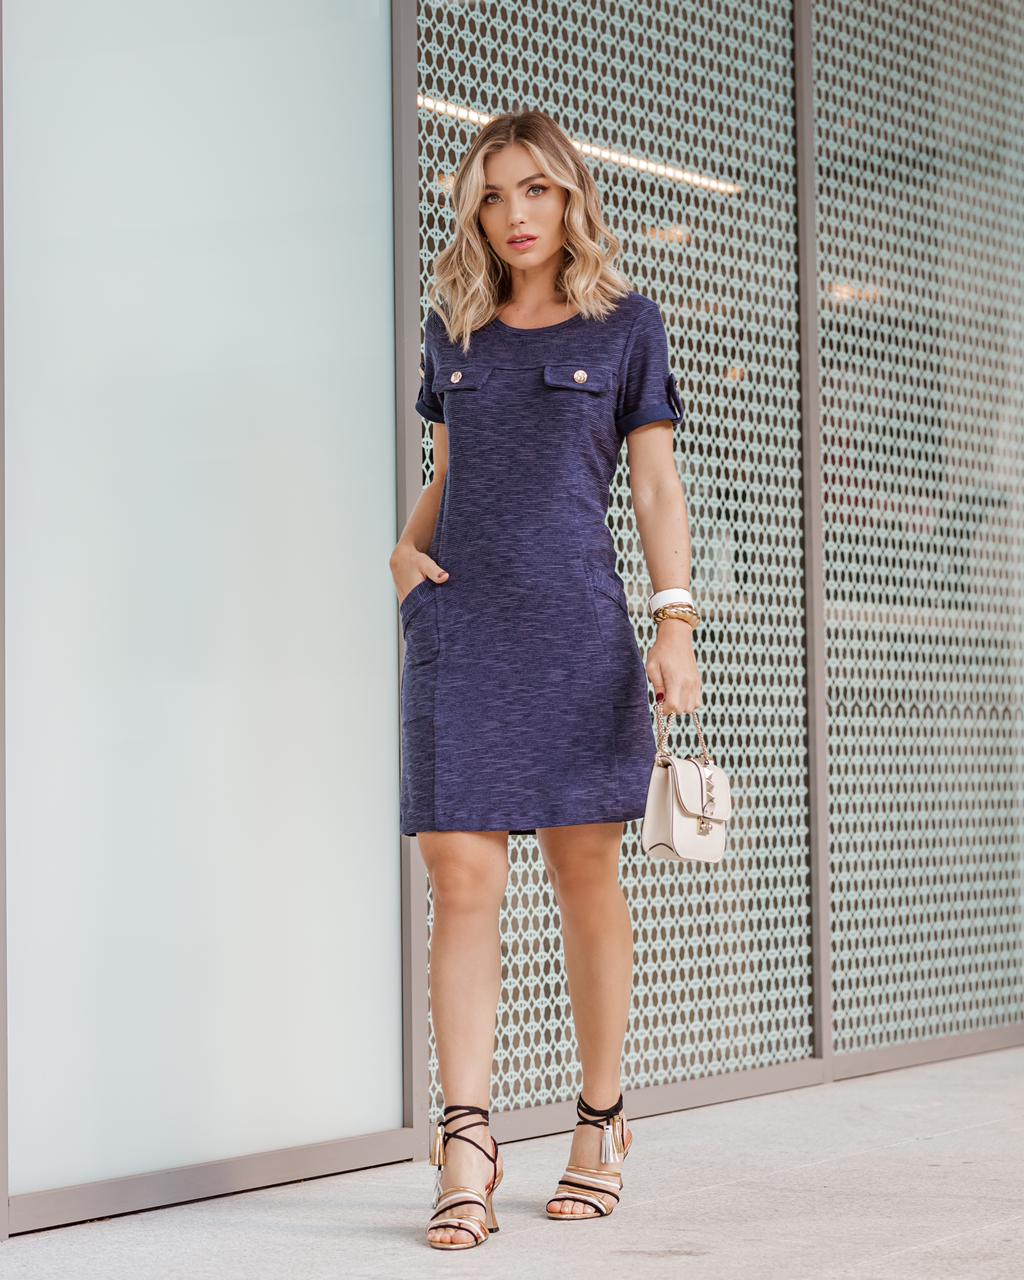 Vestido Elen Moletinho Texturizado 1% Elastano Detalhe Botões Bolsos